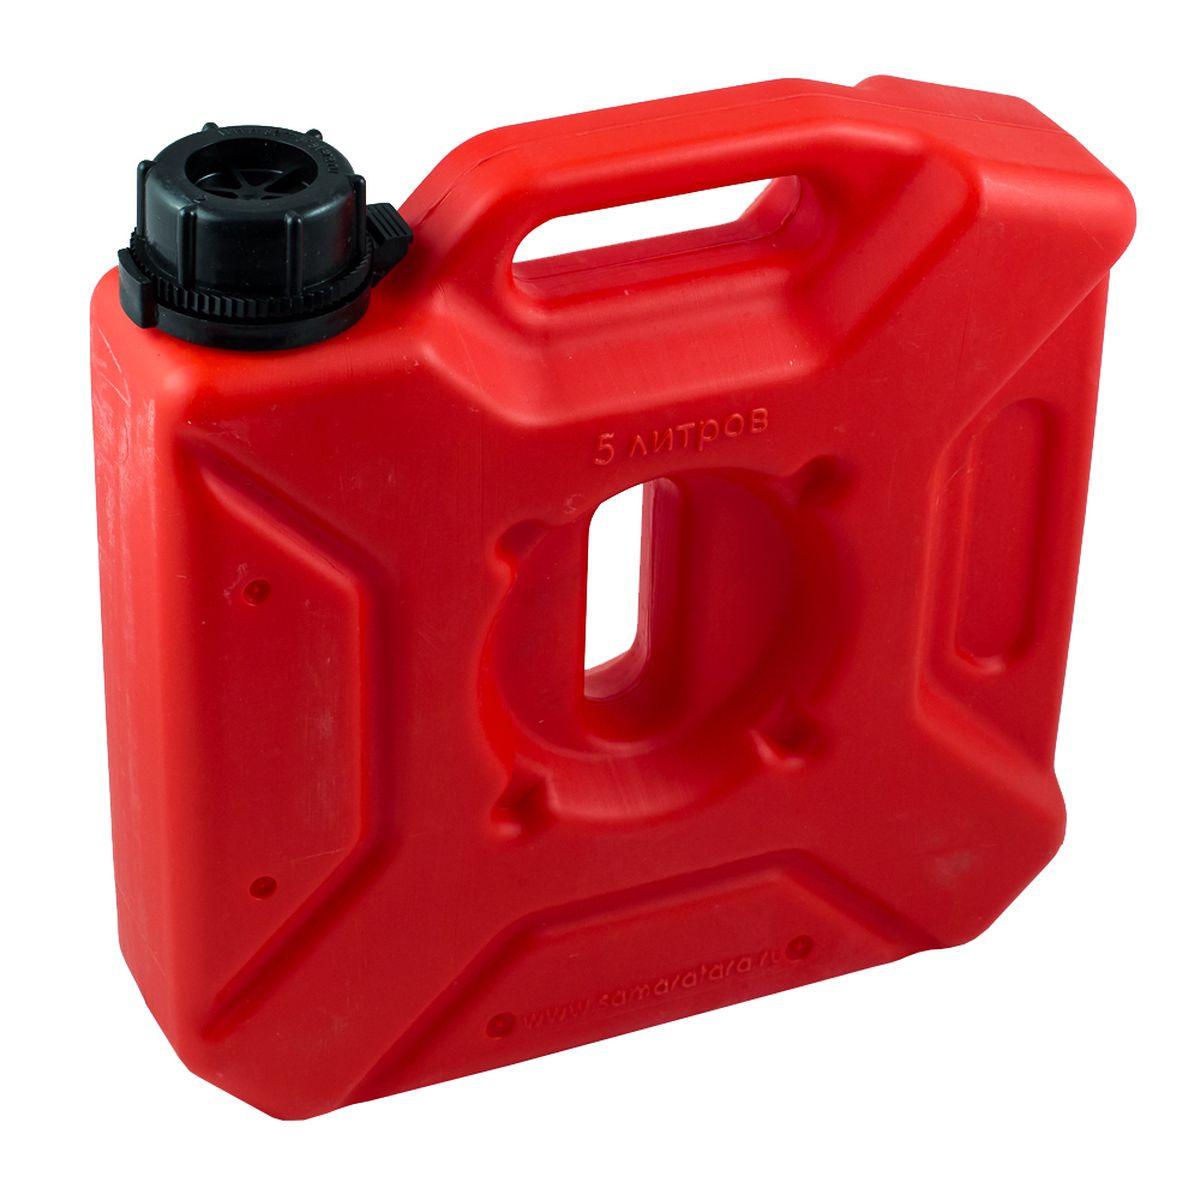 Канистра Экстрим Плюс, цвет: красный, 5 л 50 литровую канистру в спб пластик